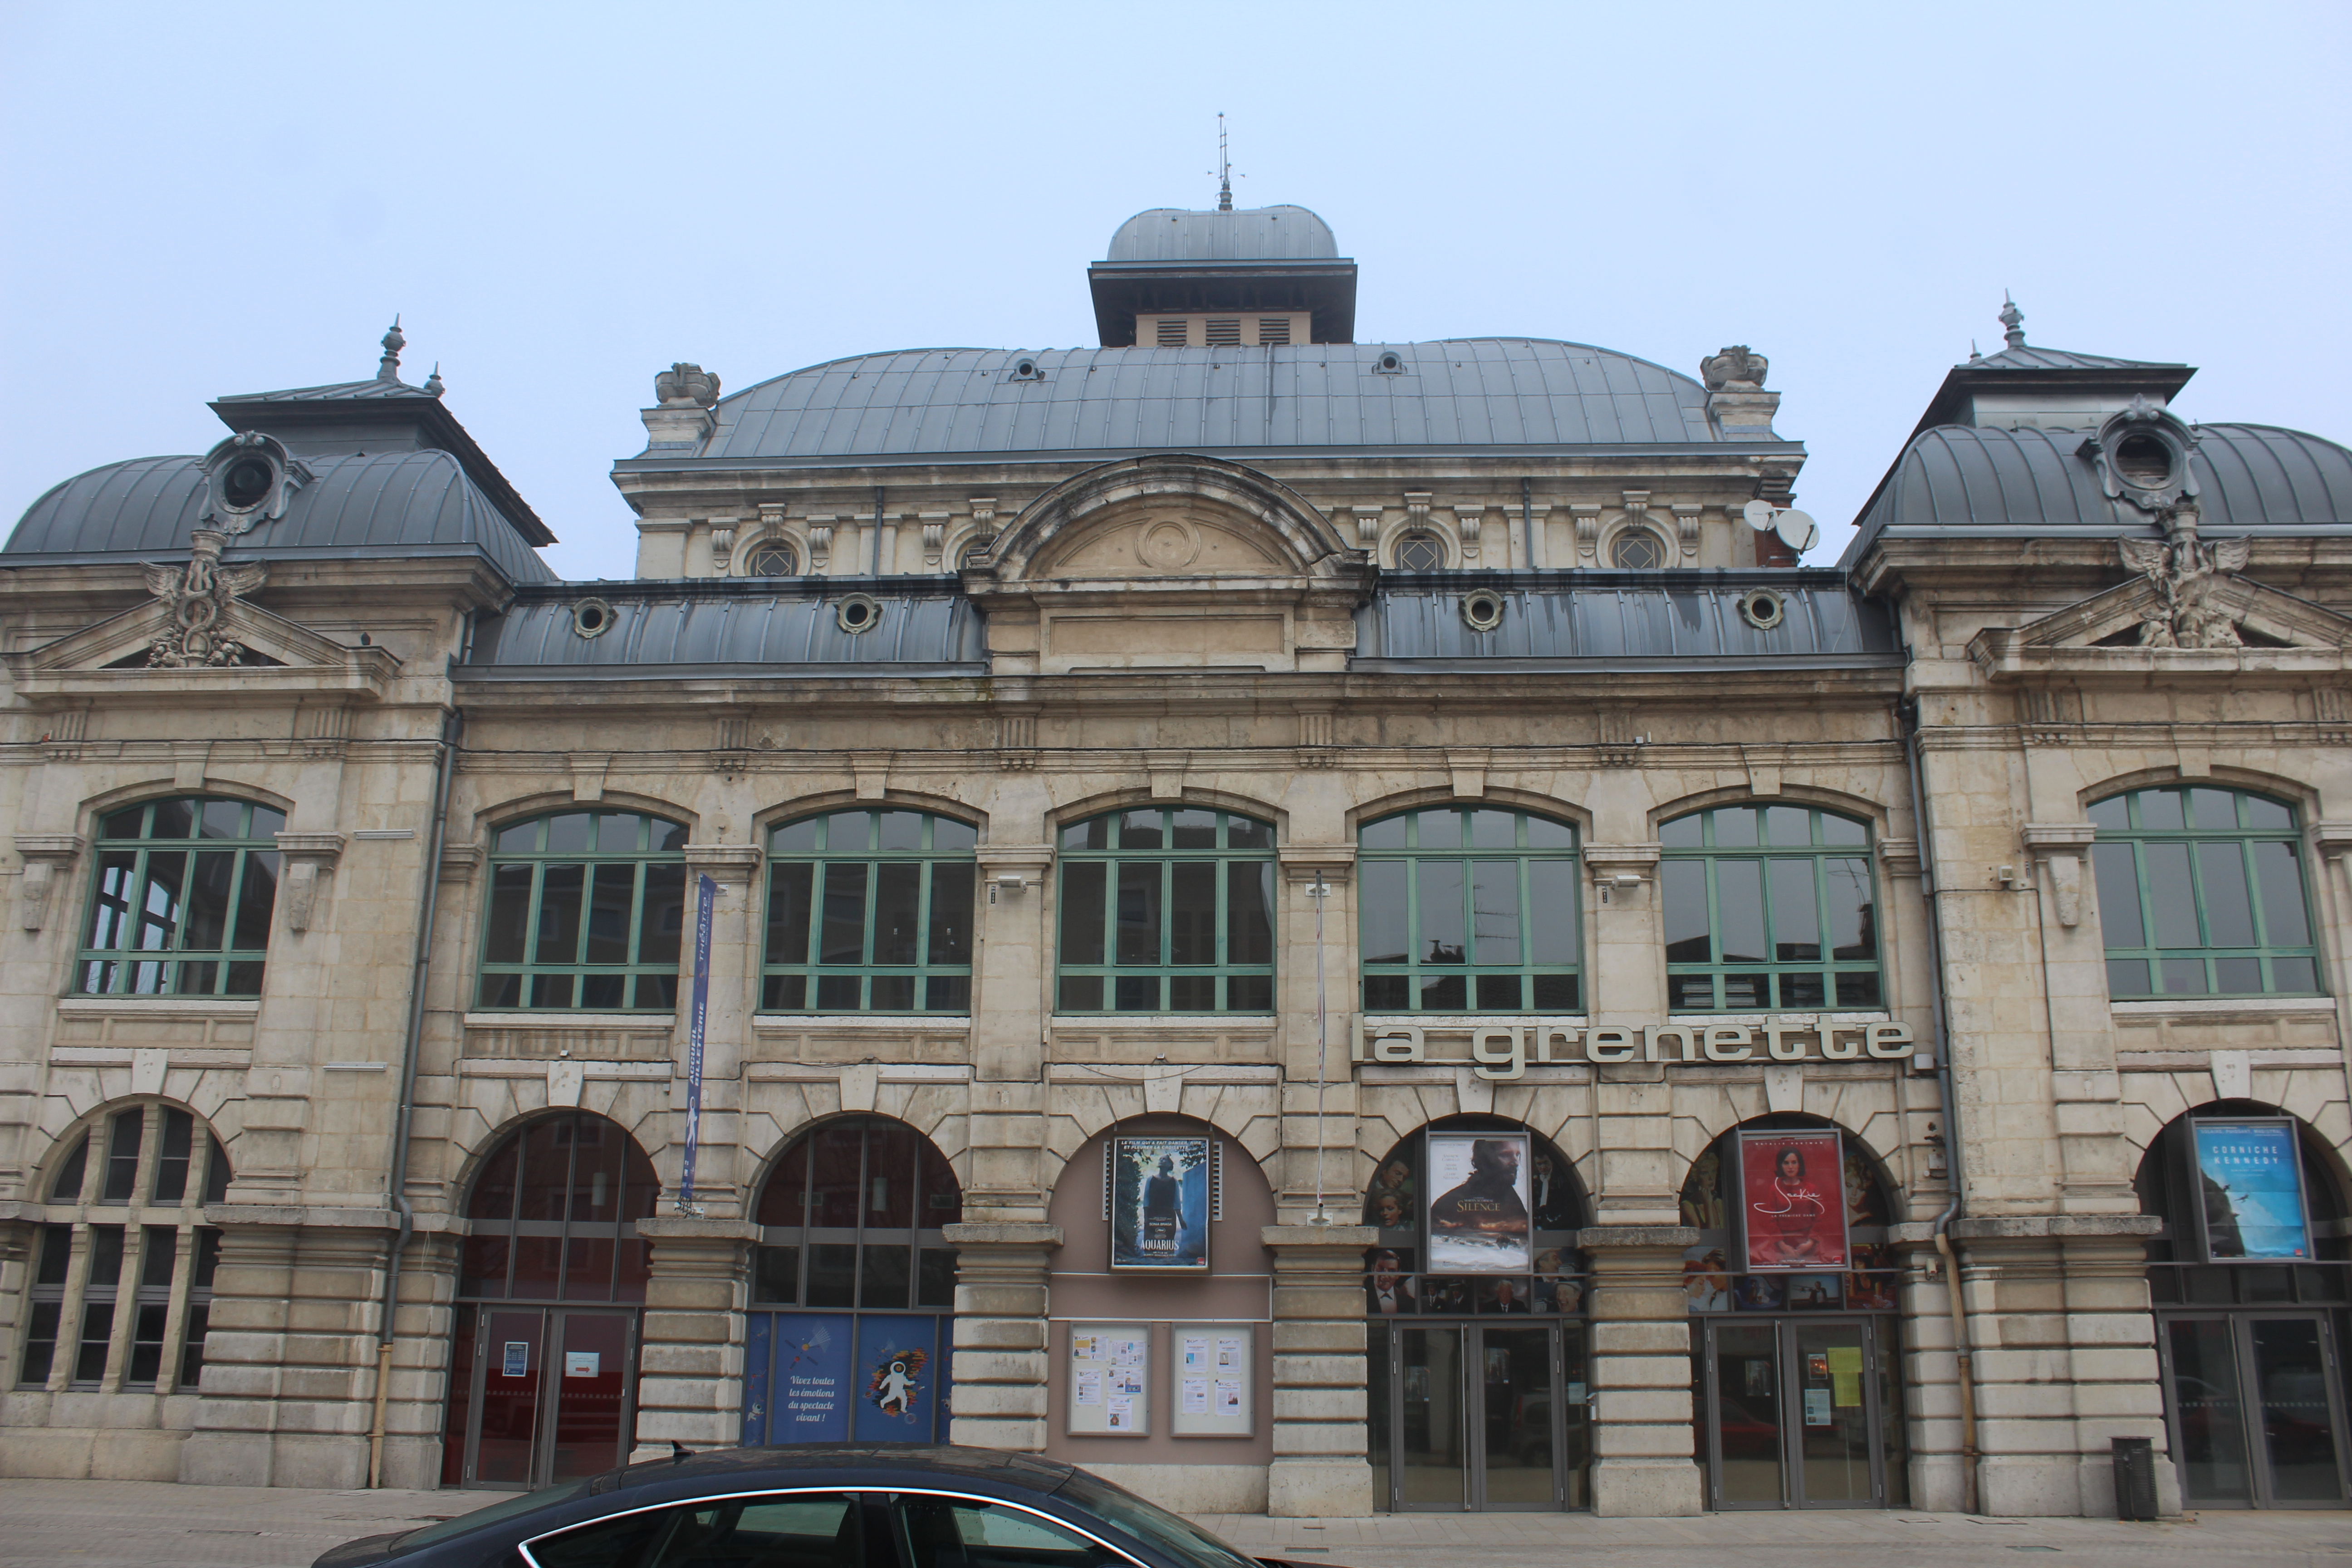 File:Cinéma Grenette Bourg Bresse 10.jpg - Wikimedia Commons